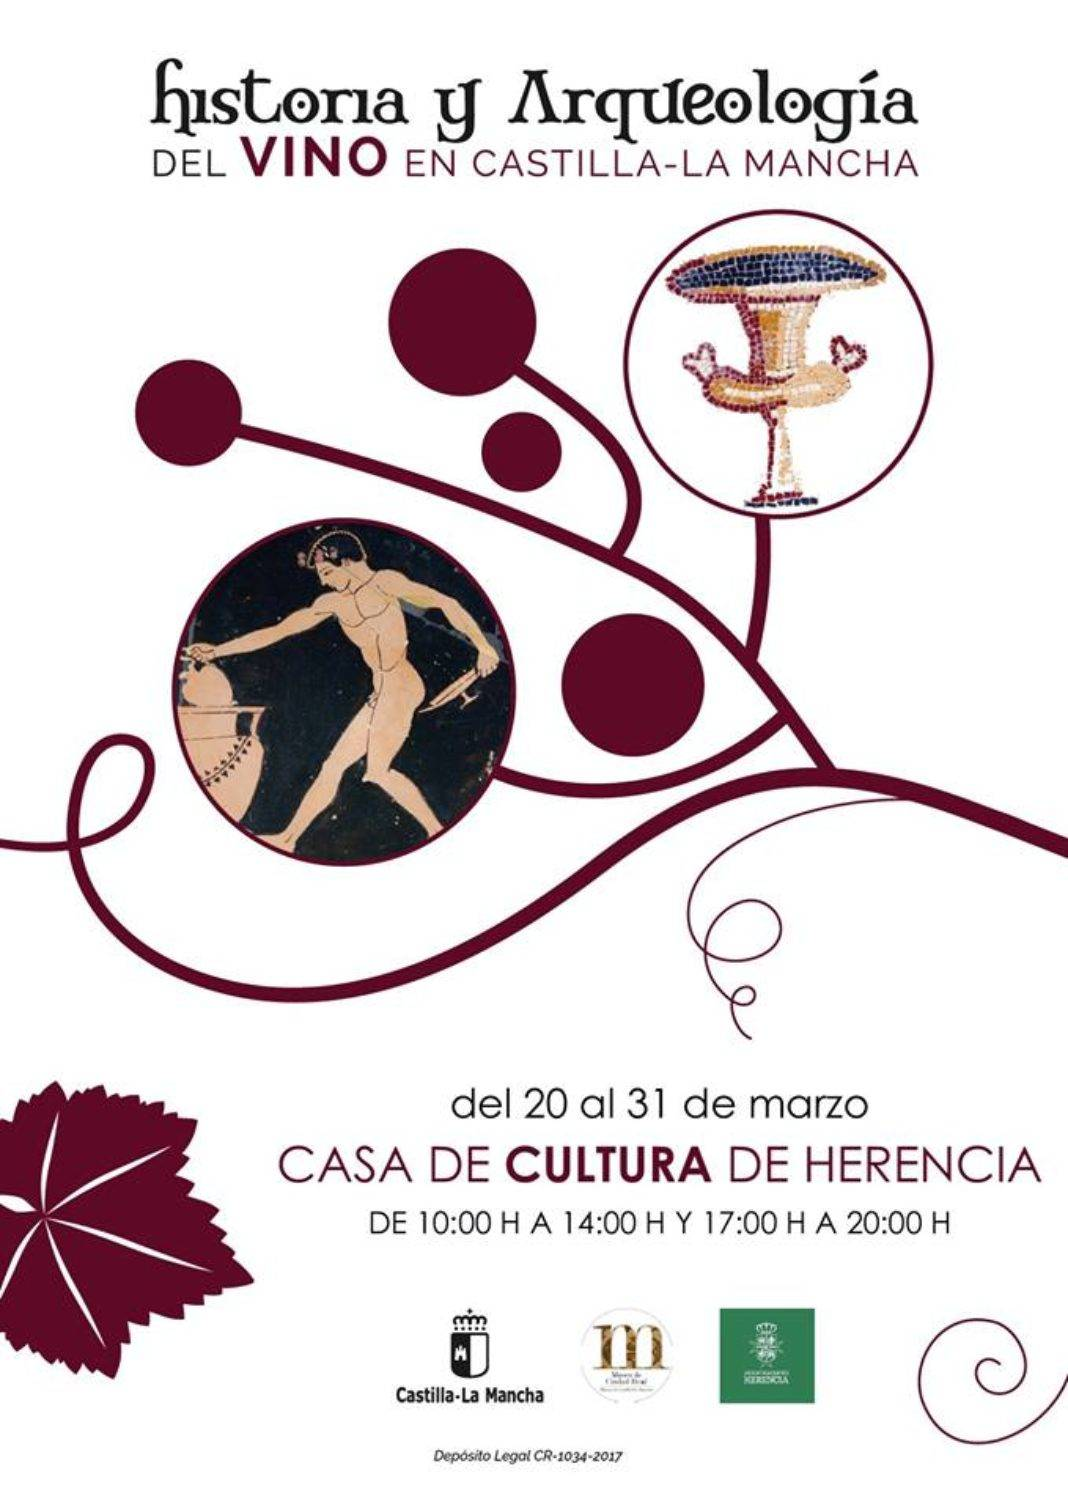 historia y arqueologia del vino en CLM 1068x1510 - Herencia acoge una exposición sobre la historia del vino